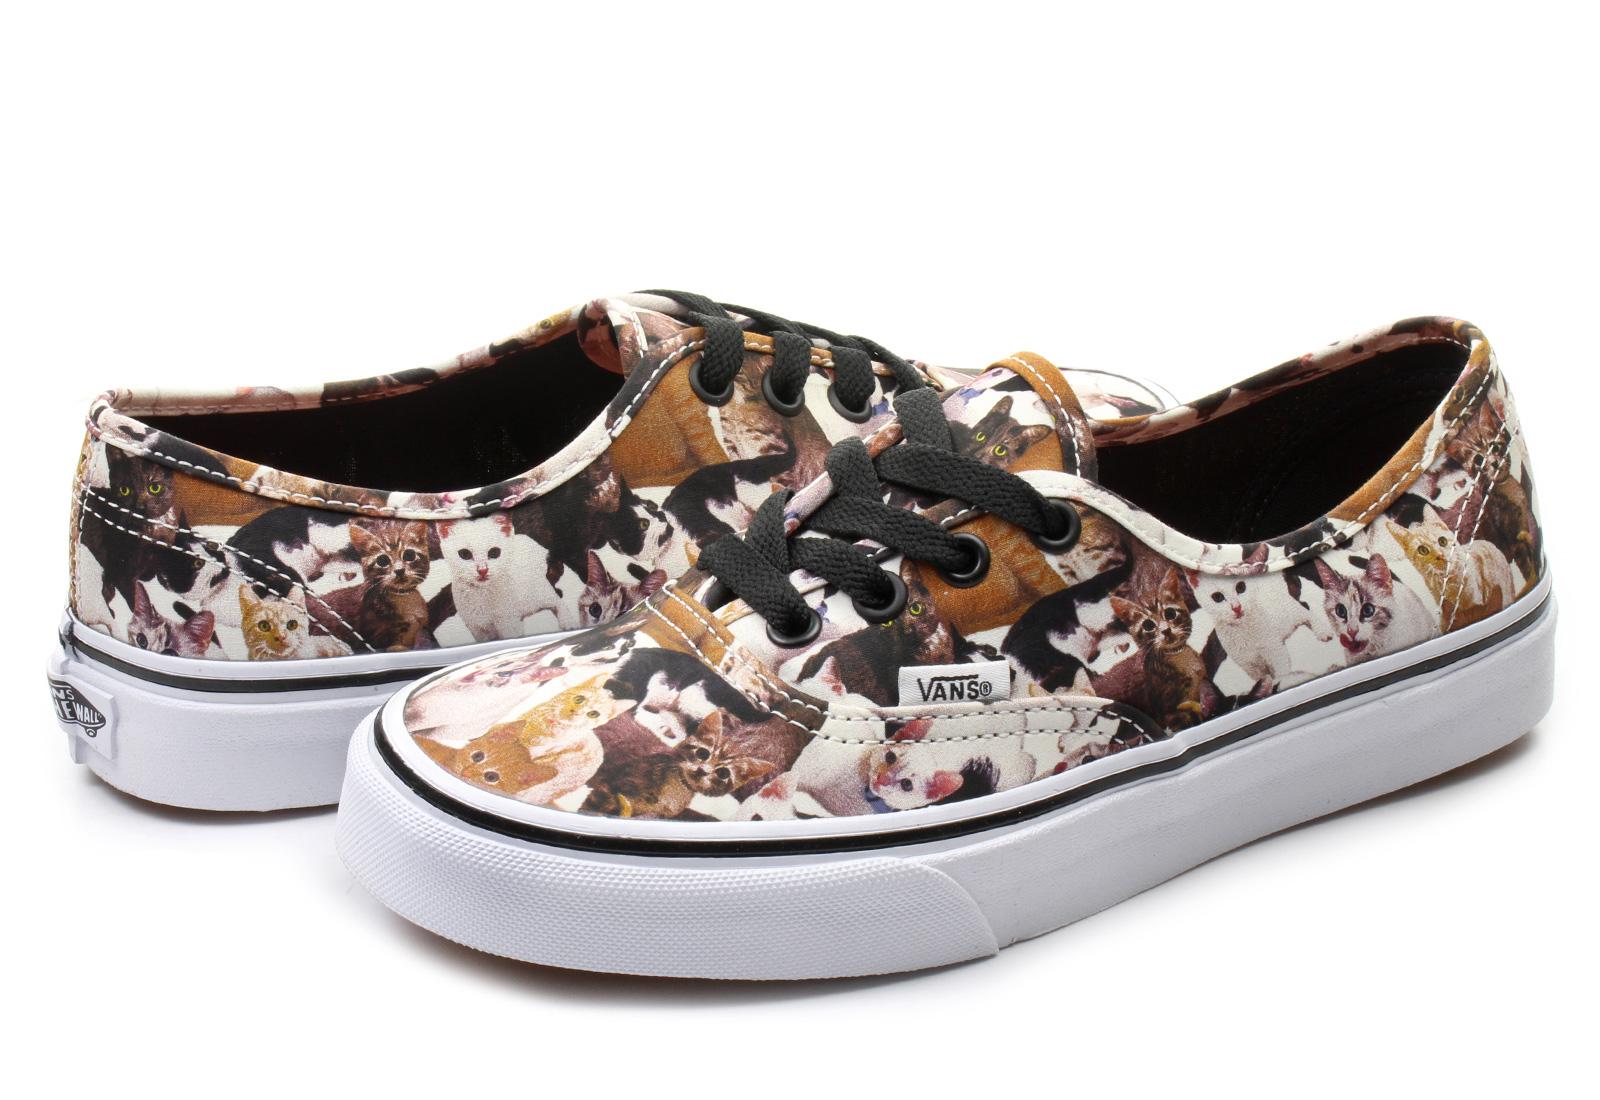 Vans Tenisi - Authentic - V3B9HF3 - Office Shoes Romania ec2b234ea5